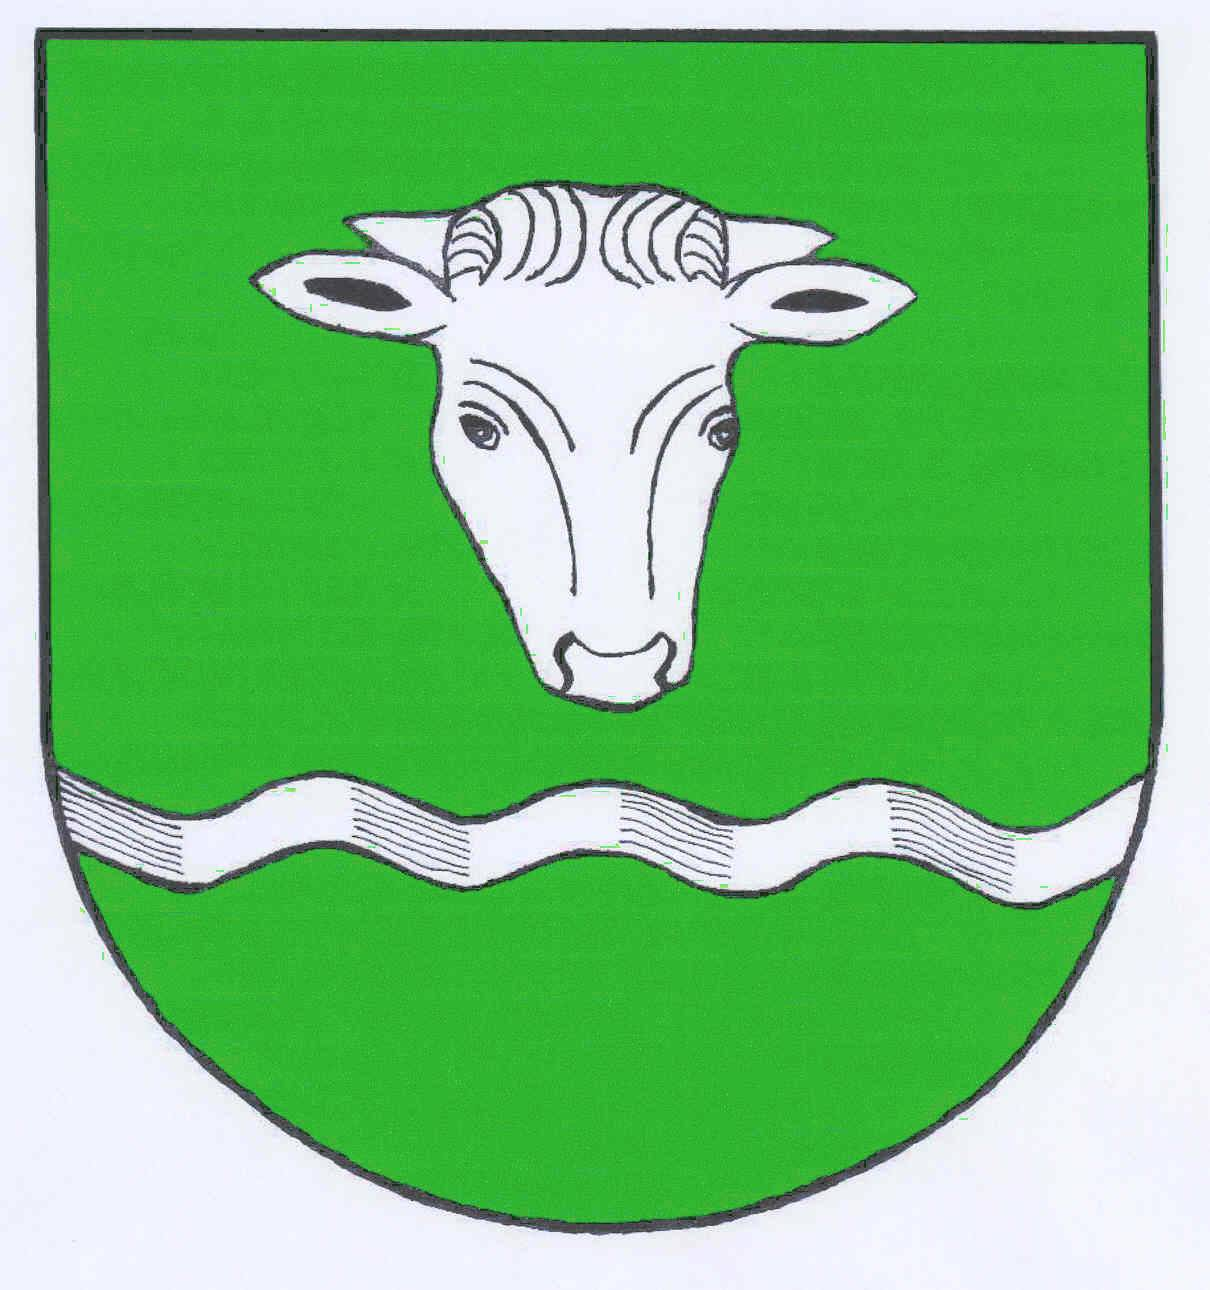 Wappen GemeindeBullenkuhlen, Kreis Pinneberg